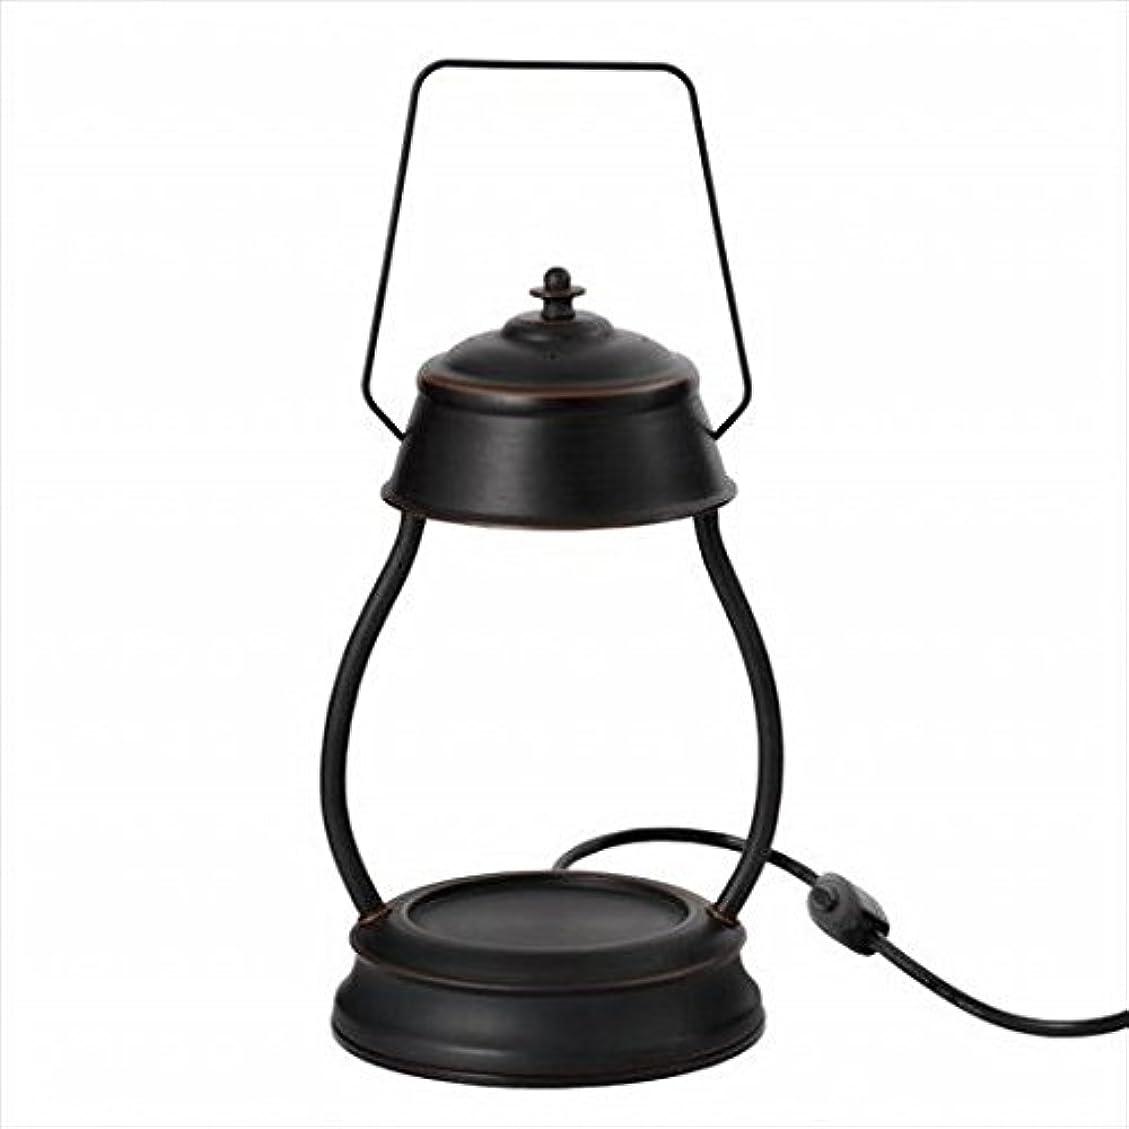 途方もないセクタキャップkameyama candle(カメヤマキャンドル) ハリケーンキャンドルウォーマーランプ 「 ブラウン 」 キャンドル 164x155x345mm (J3570000BR)